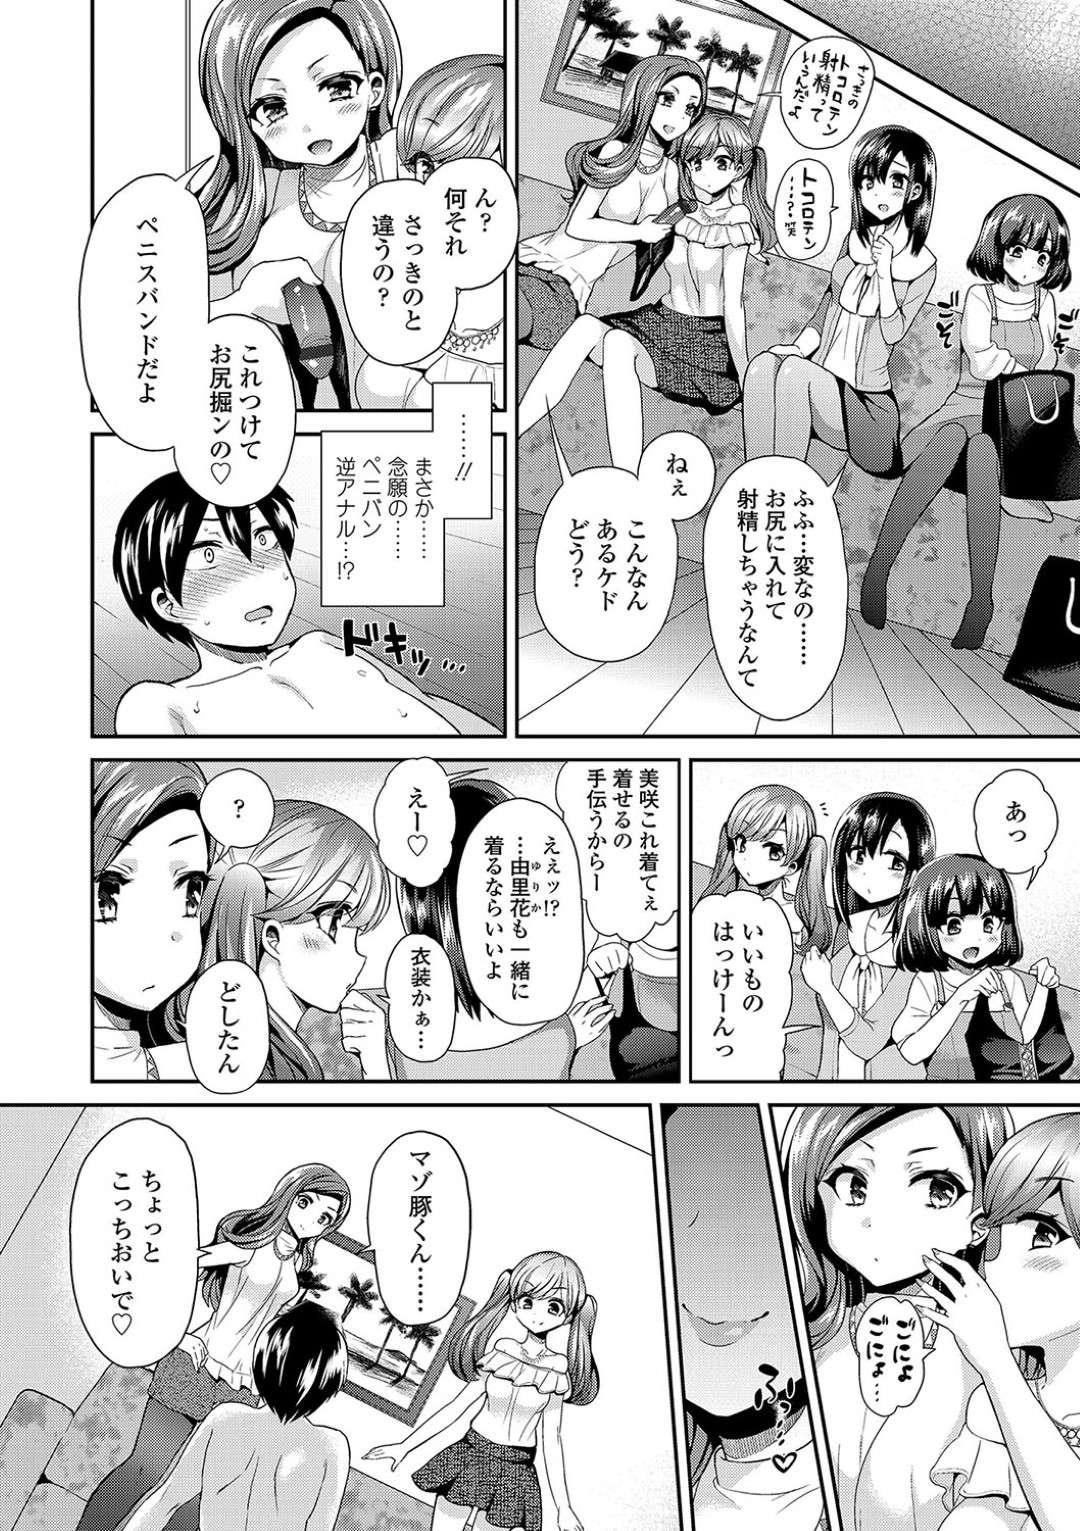 【エロ漫画】Sの女子が集まる女子会に参加したM男を好奇の目で見るお姉さん4人…そのうちの一人がグローブを付けて殴り初め、サンドバッグ状態で勃起している男をからかう!【ぴりりねぎ:S女子会】